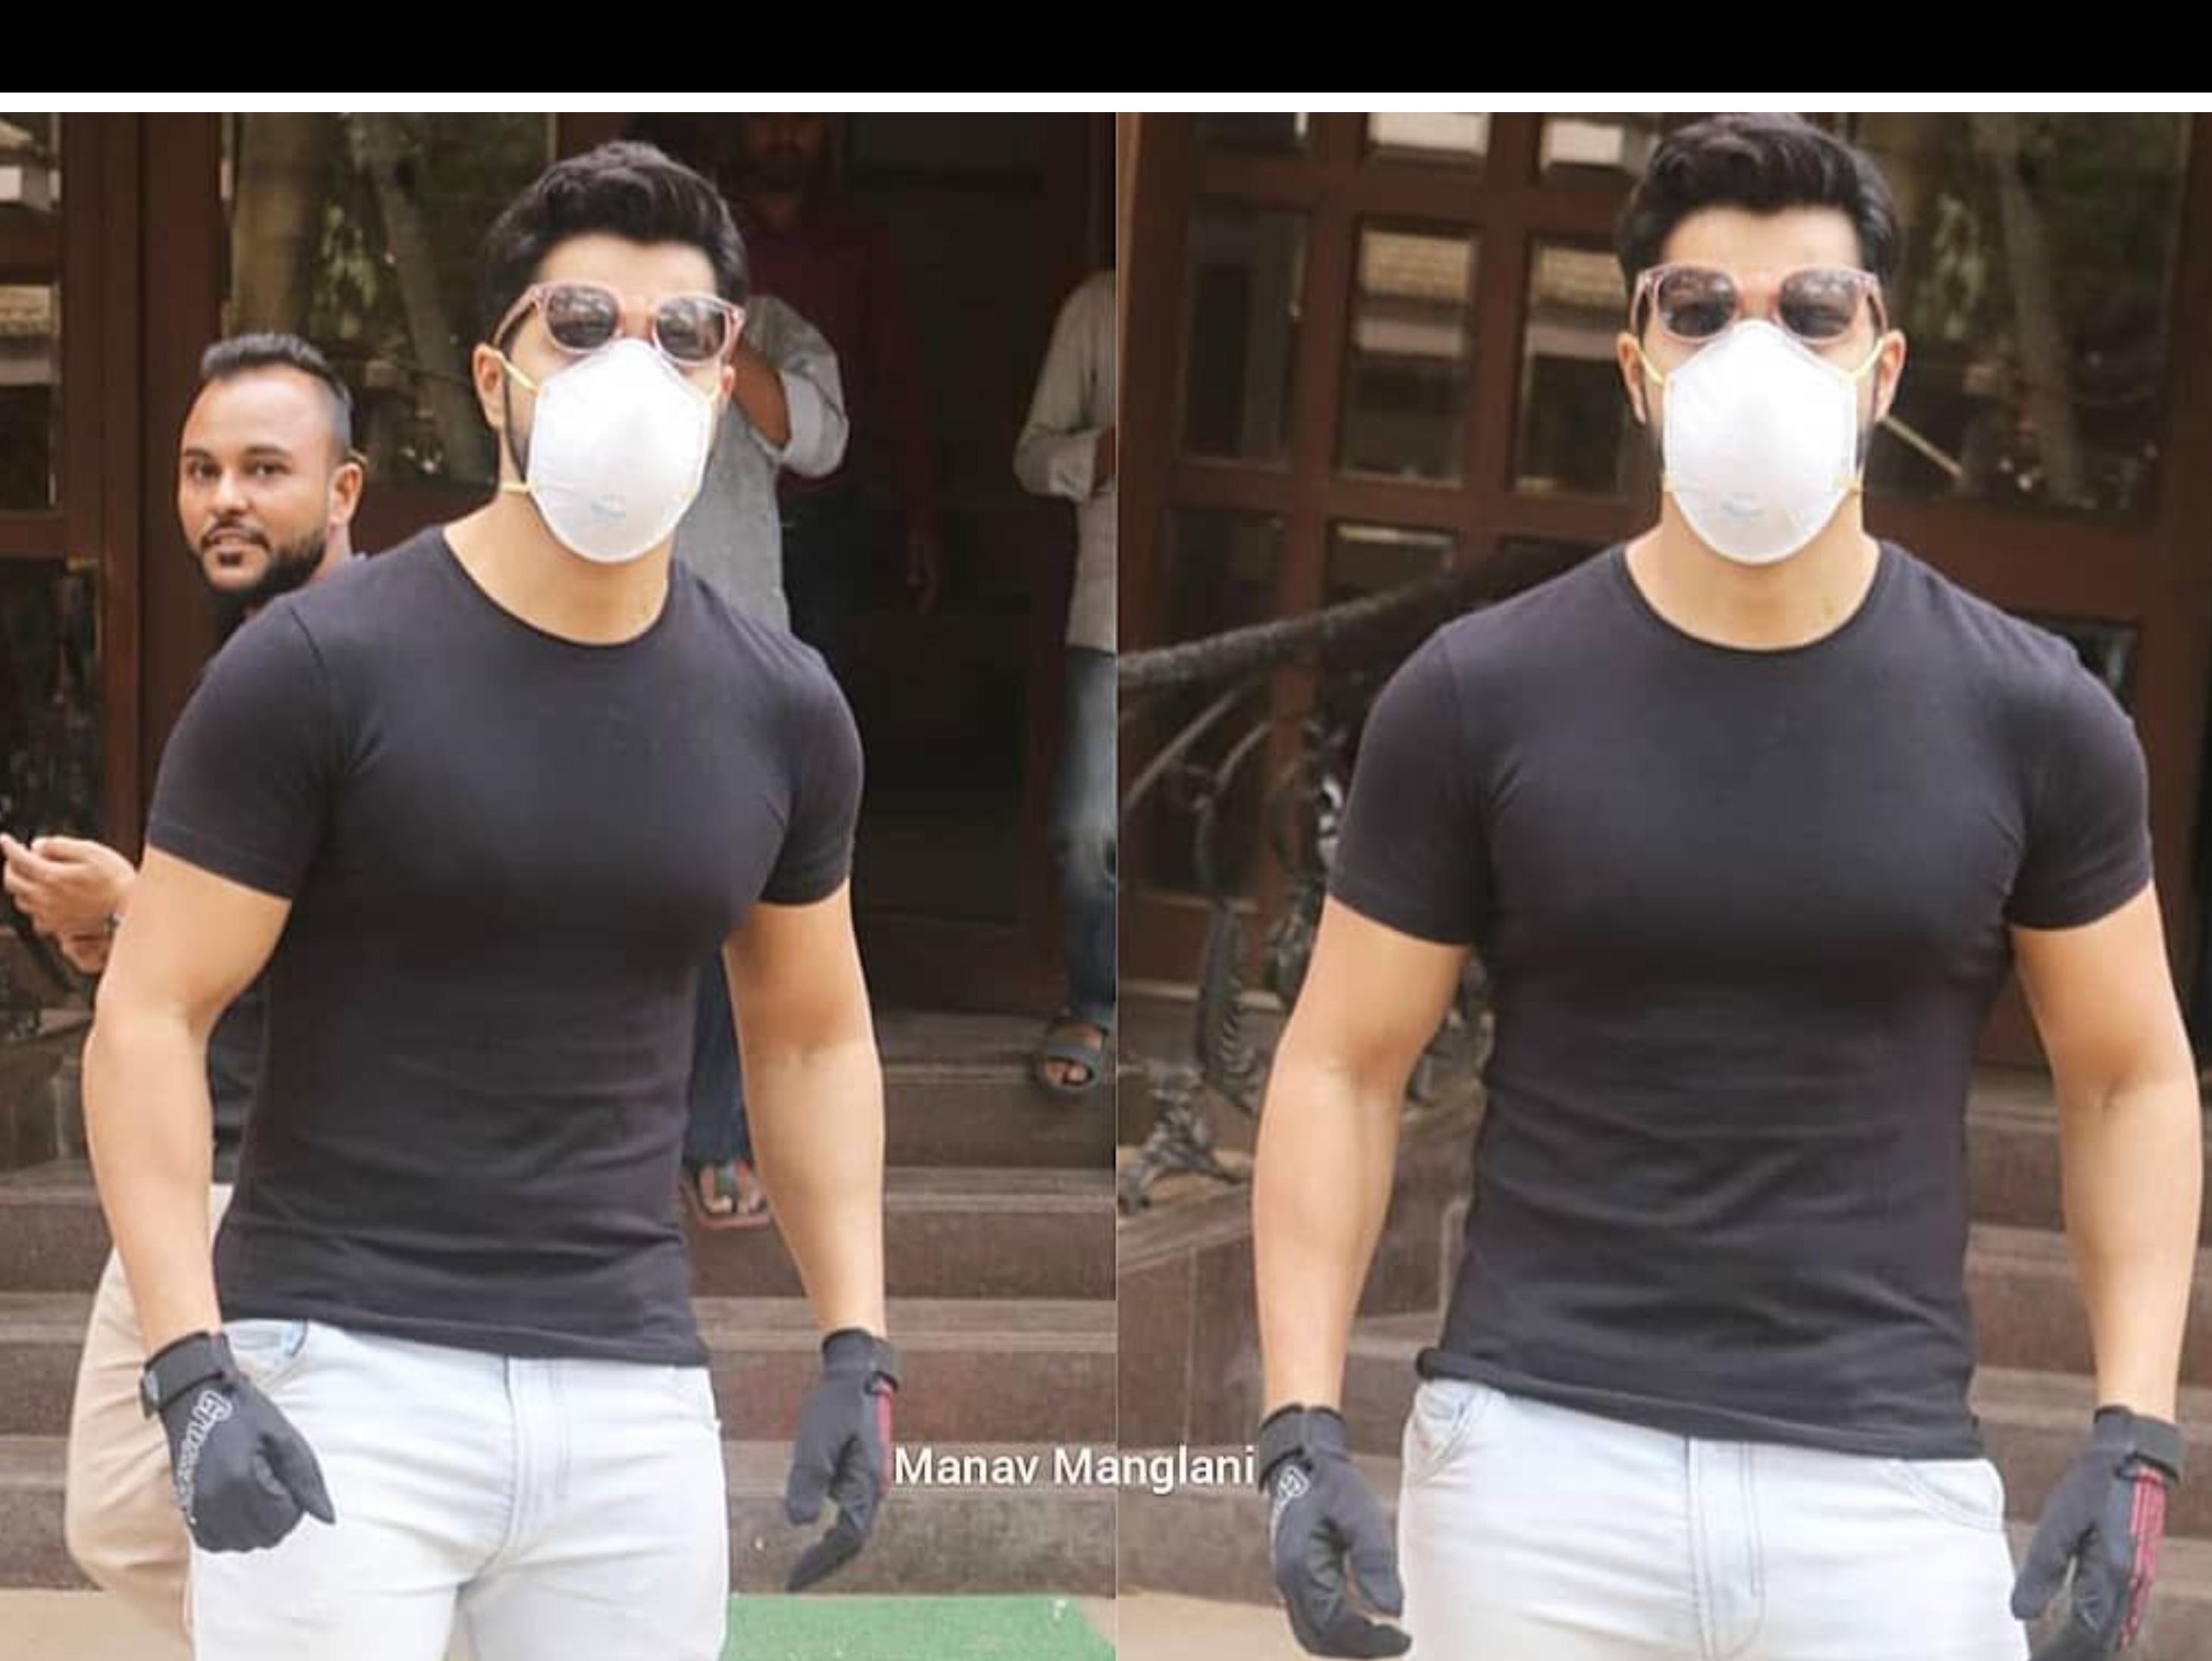 वरुण धवन भी कोरोनावायरस के डर से मास्क पहनकर घूम रहे हैं। हाल ही में उन्हें मुंबई में स्पॉट किया गया है जहां वो मास्क और ग्लव्स पहने दिख रहे हैं।  (फोटो क्रेडिट- मानव मंगलानी)